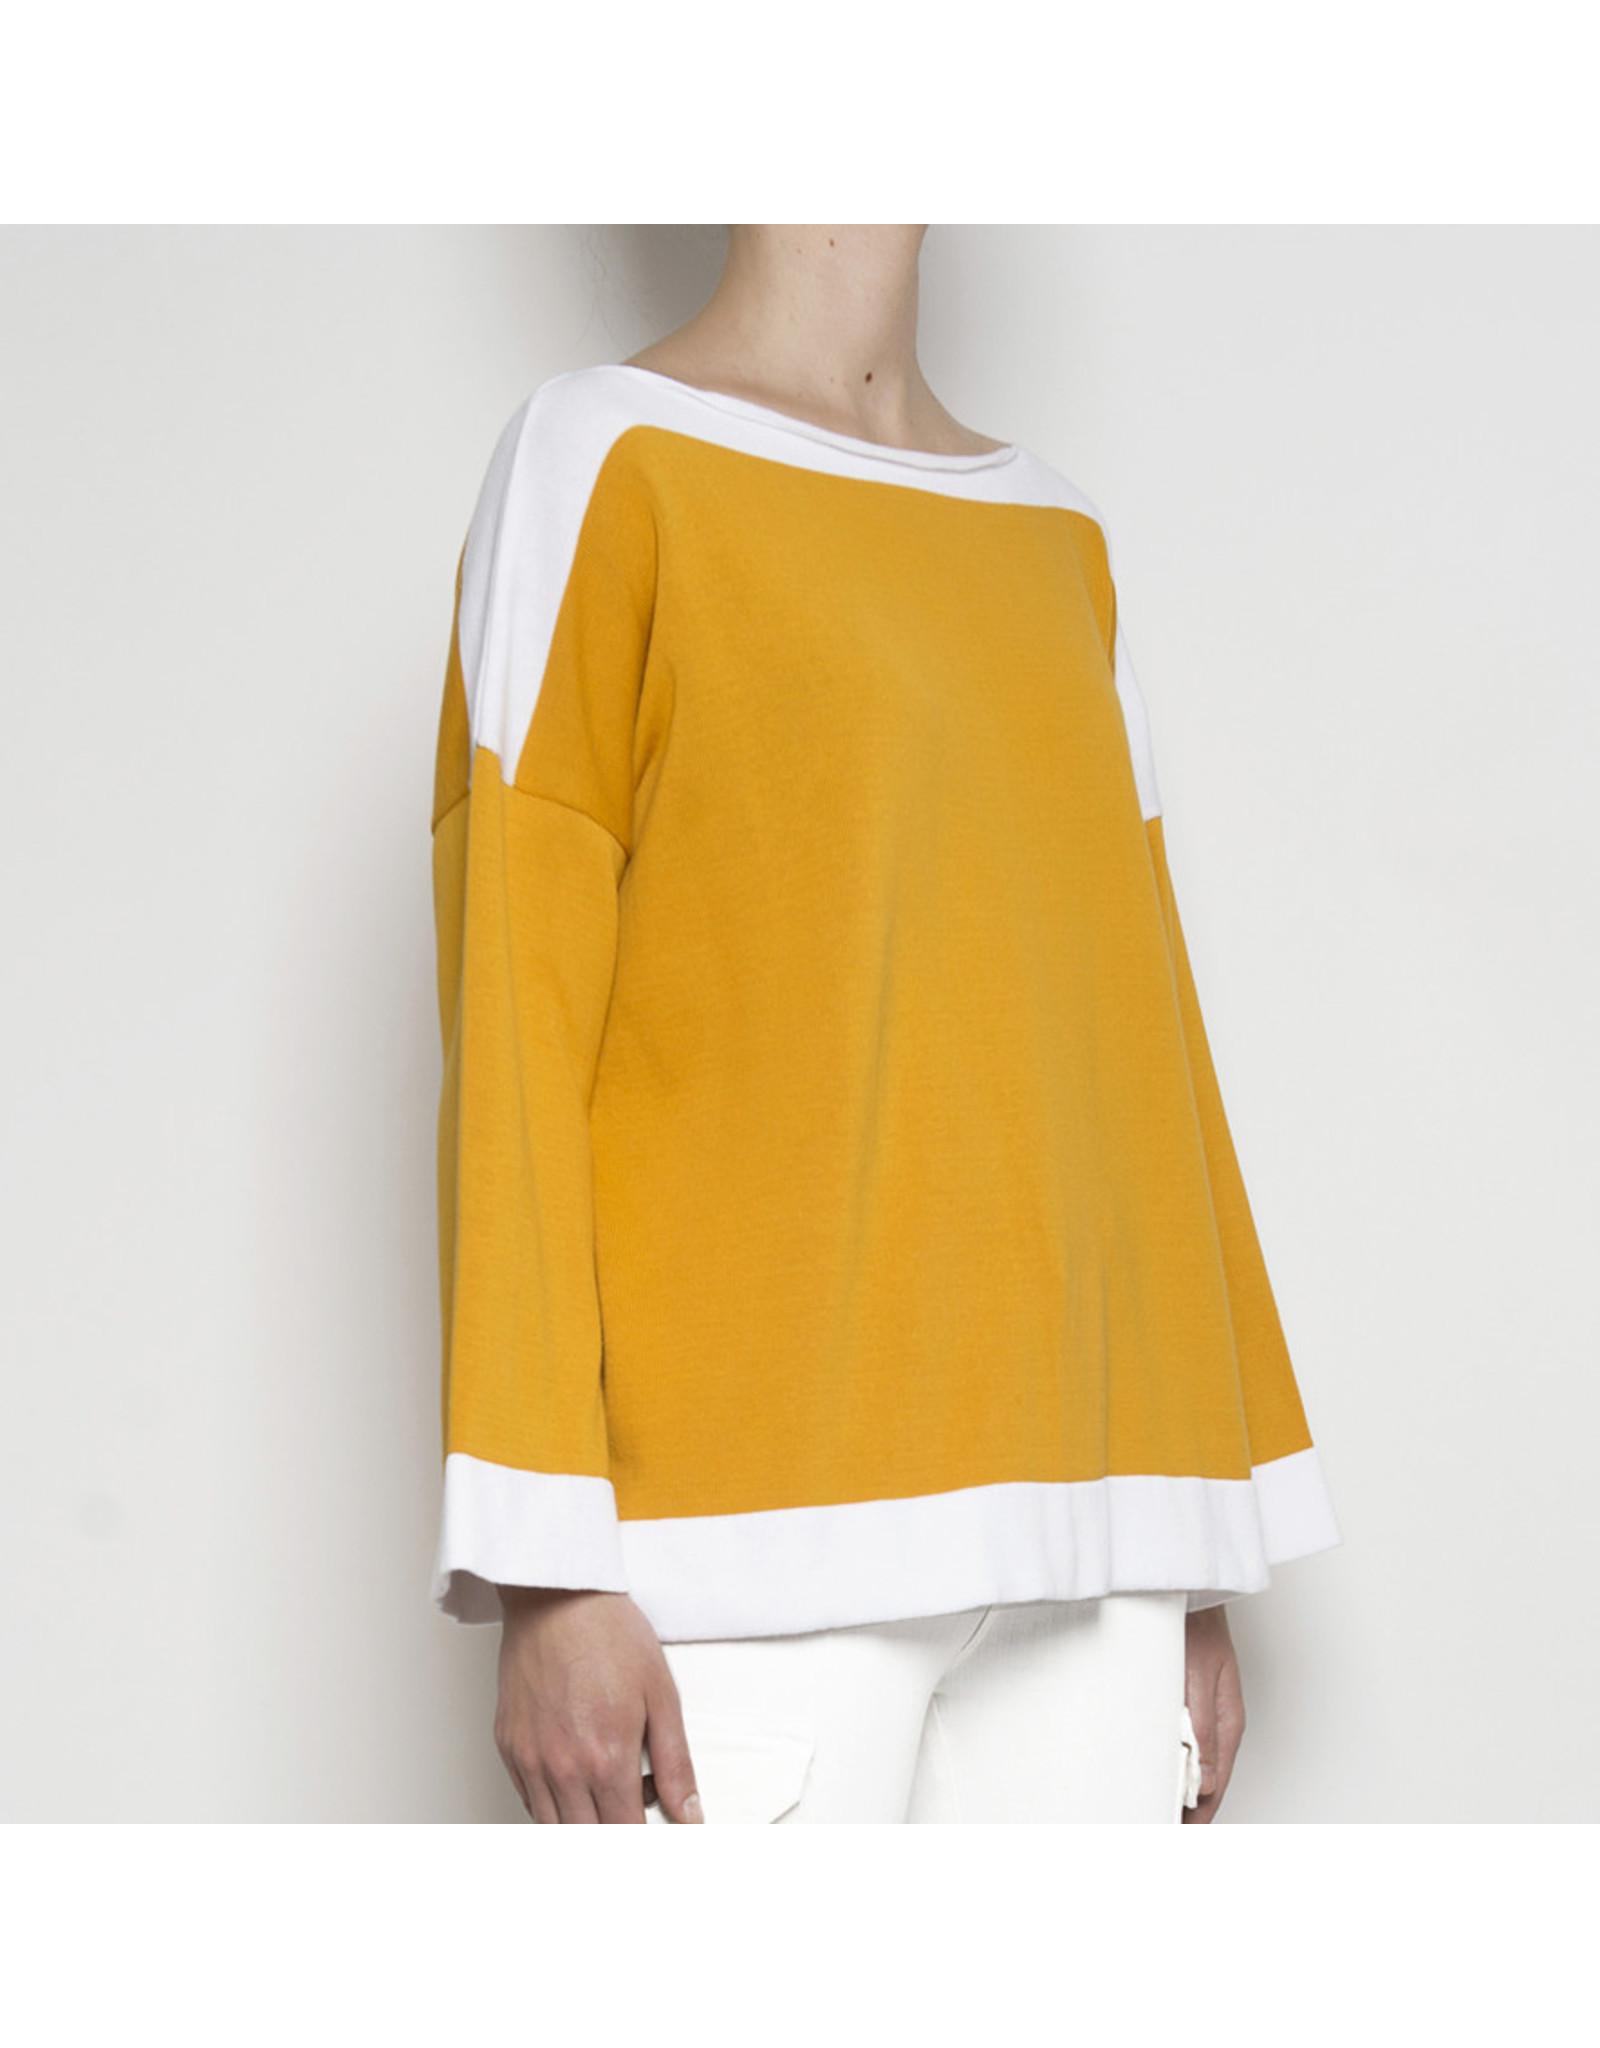 Pan Pan Colourblock Pullover - XS/S